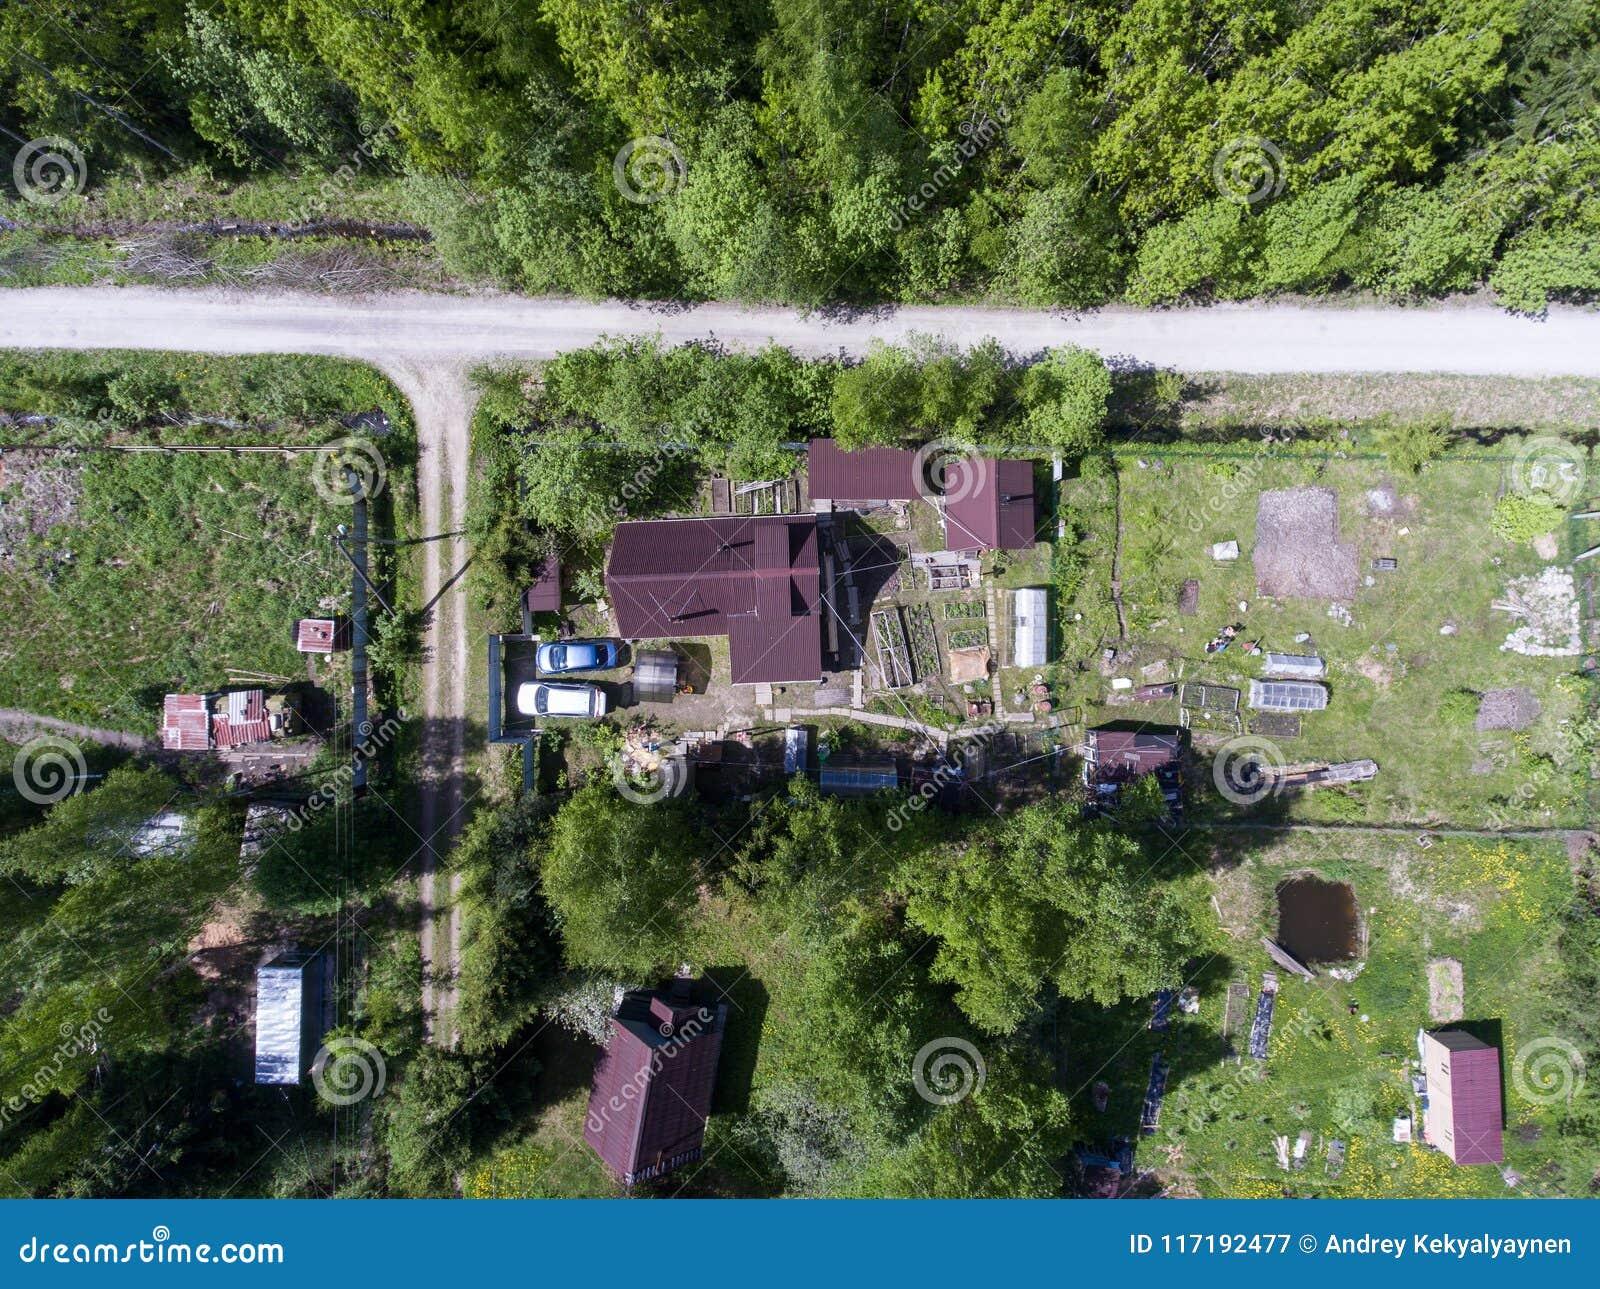 Learn russian in russia summer garden